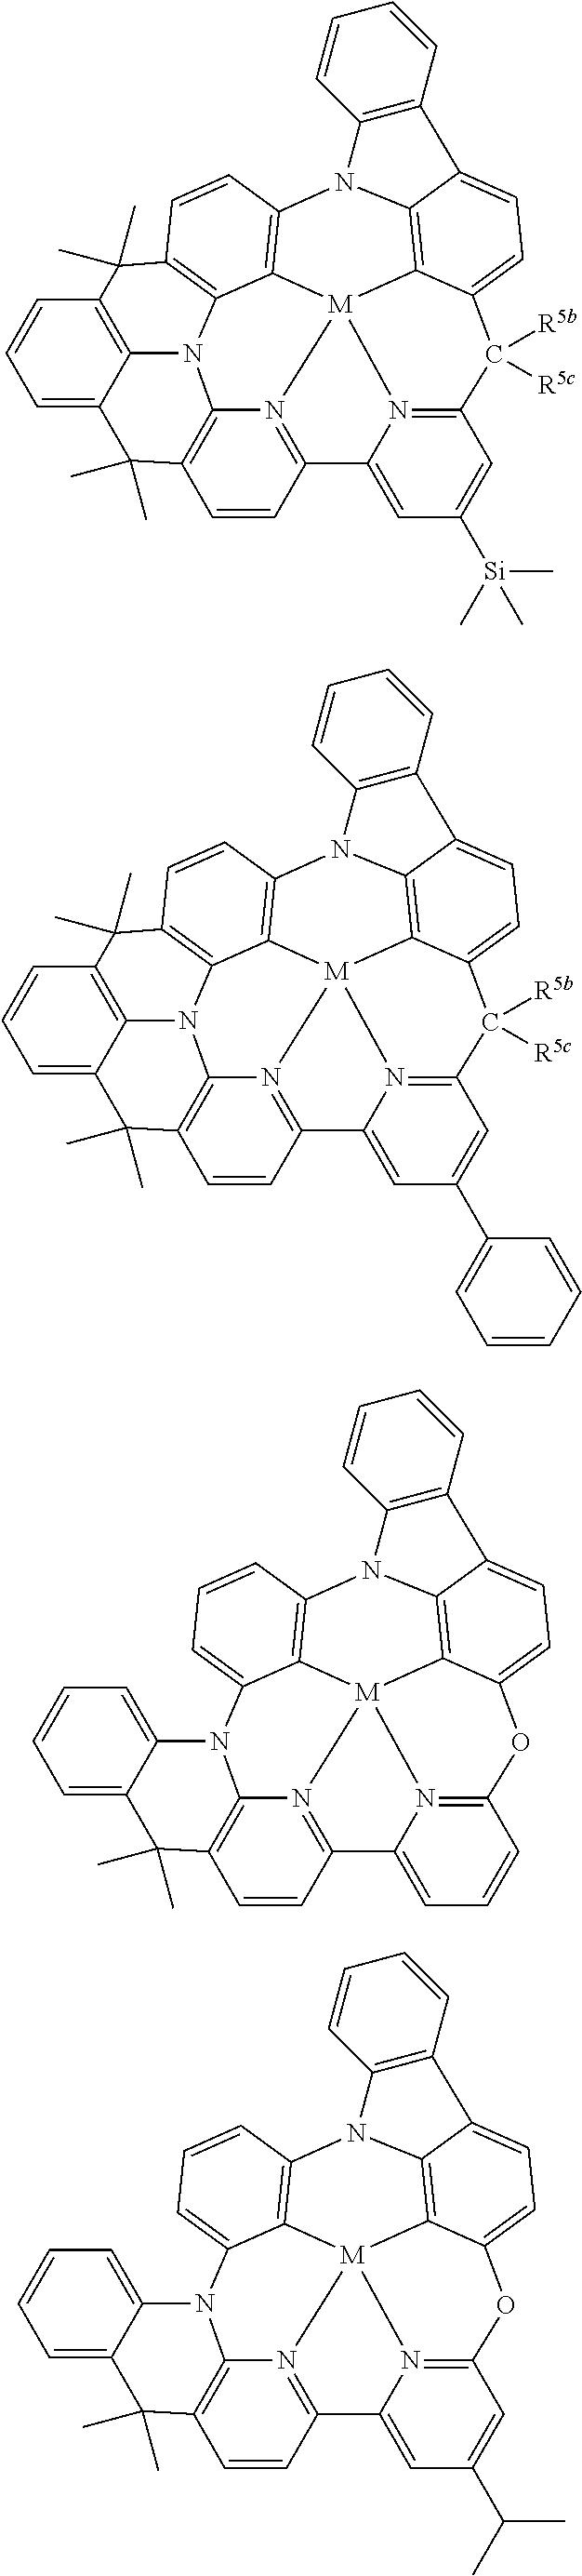 Figure US10158091-20181218-C00175